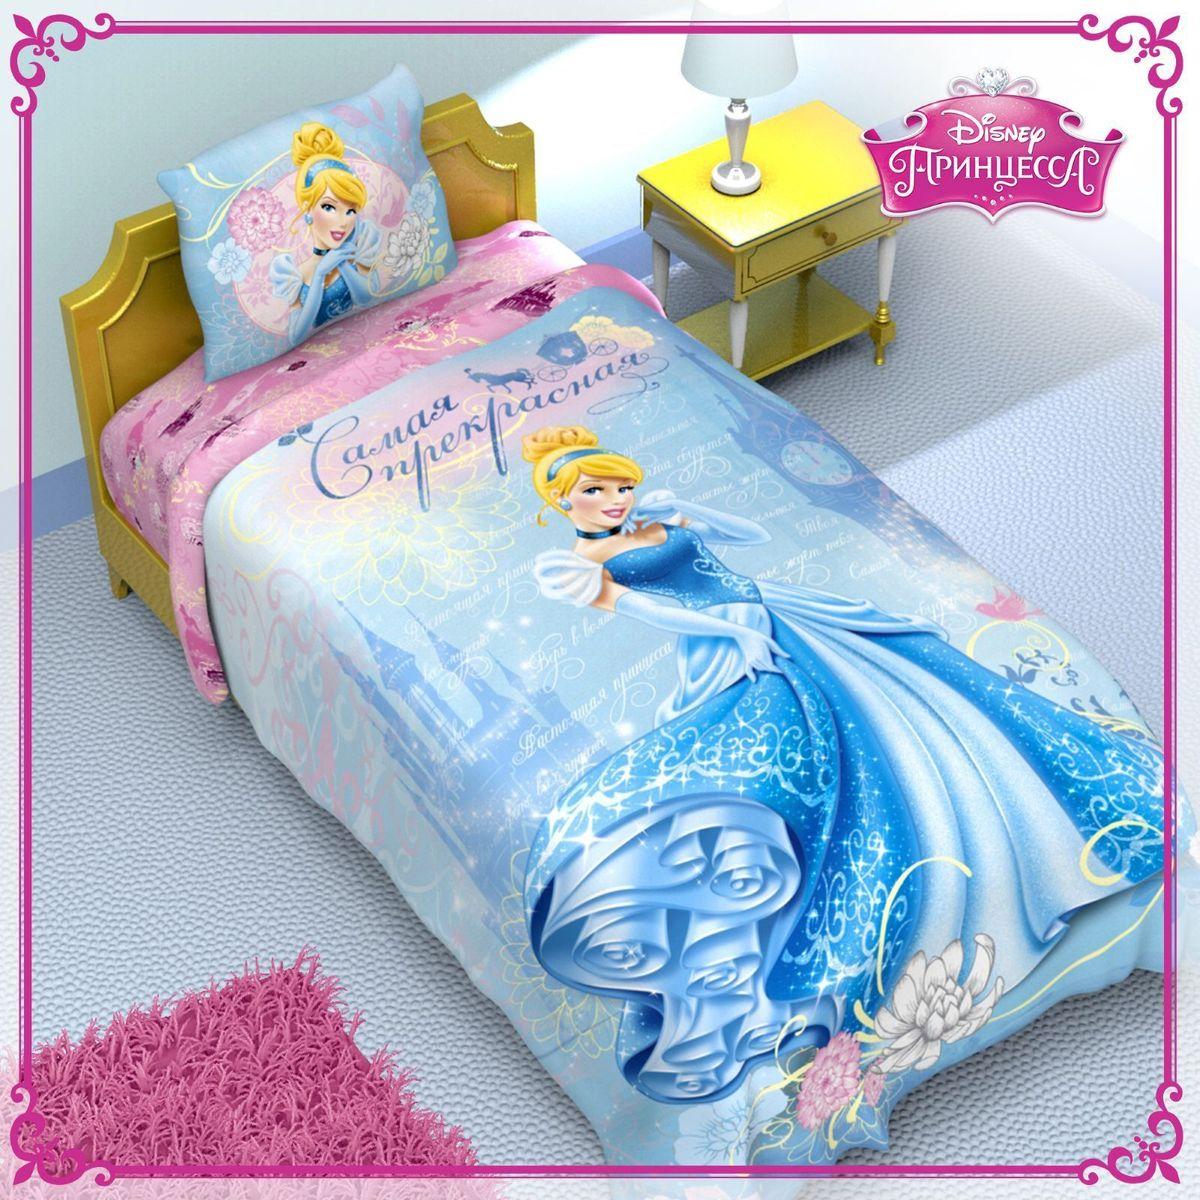 Disney Комплект детского постельного белья Принцессы 1,5 спальное1149312Disney совместно с ТМ «Этель» представляет коллекцию детского постельного белья с изображением популярных анимационных персонажей. Осуществите заветную мечту ребёнка, позвольте ему окунуться в волшебный мир сказок, где любимые персонажи создадут атмосферу тепла и уюта для вашего малыша. Постельное бельё изготовлено из уникального мягкого, тонкого и прочного материала — поплин (100% хлопок, 125 г/м2). Ткань создаётся из высоких сортов хлопка, нить получается плотная и гладкая. Такая ткань лучше прокрашивается, рисунок держится дольше и не выстирывается, ткань износостойкая и не даёт усадку. В производстве белья используется современное оборудование и технологии, а также безопасные красители. Профессиональные дизайнеры совместно с Disney разрабатывают дизайн каждого комплекта с особым вдохновением, тщательностью и заботой.